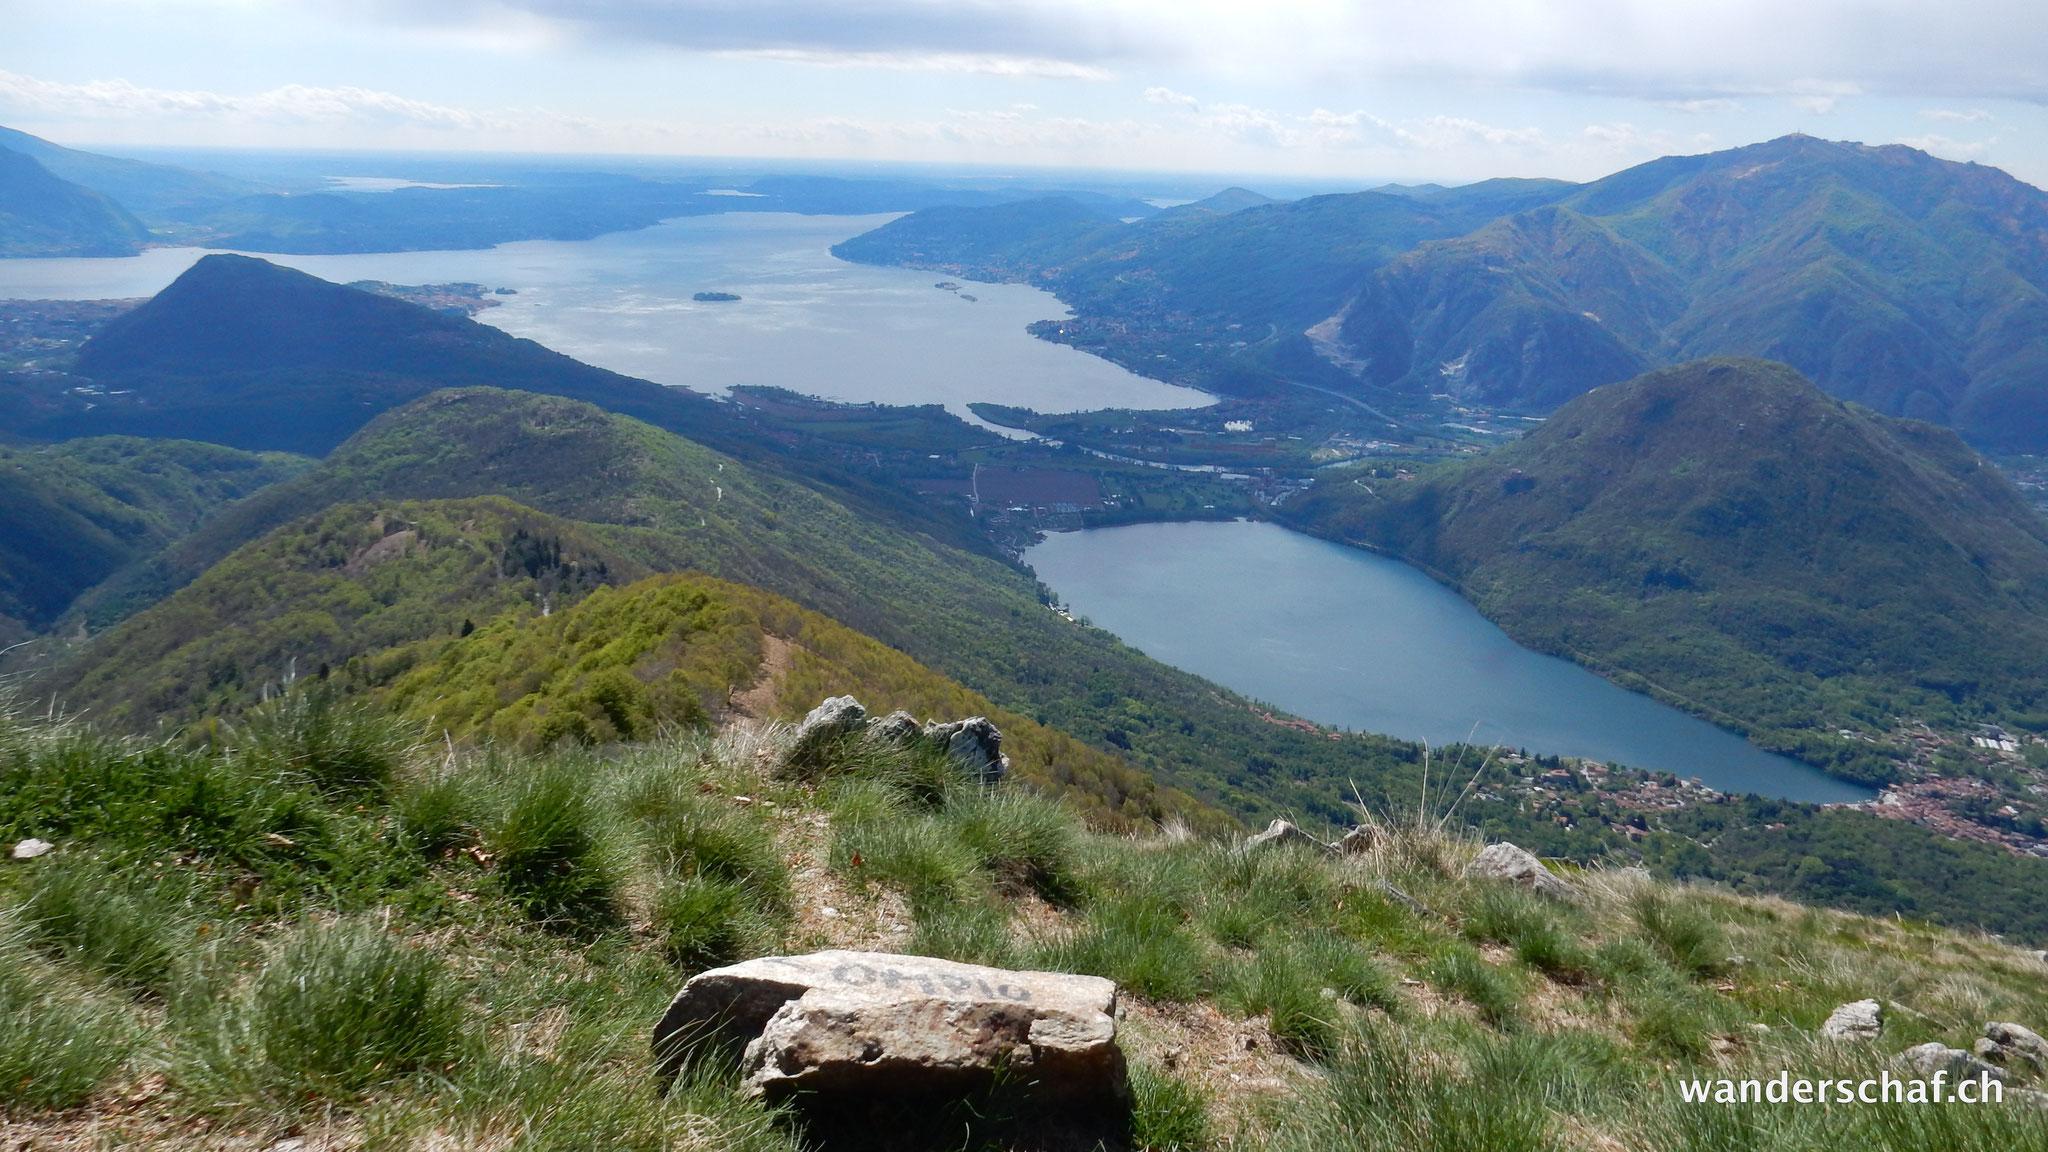 Aussicht auf den Lago Maggiore und Lago di Mergozzo